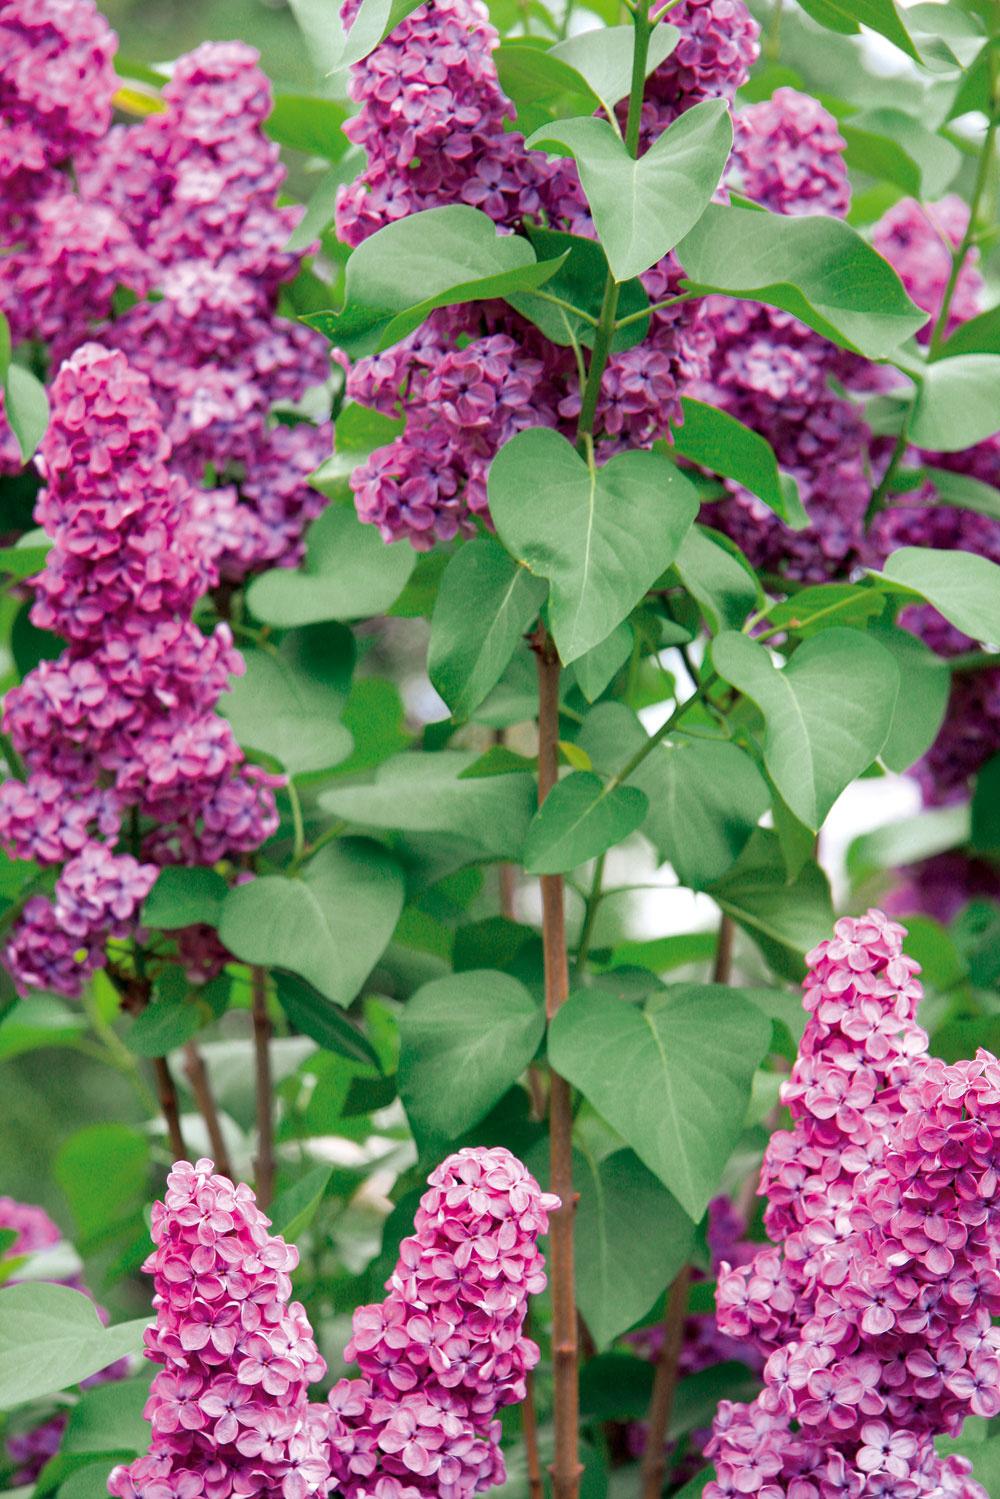 Vzáhrade plnej voňavých rastlín by určite nemal chýbať orgován – napríklad vo forme voľne rastúceho živého plota.